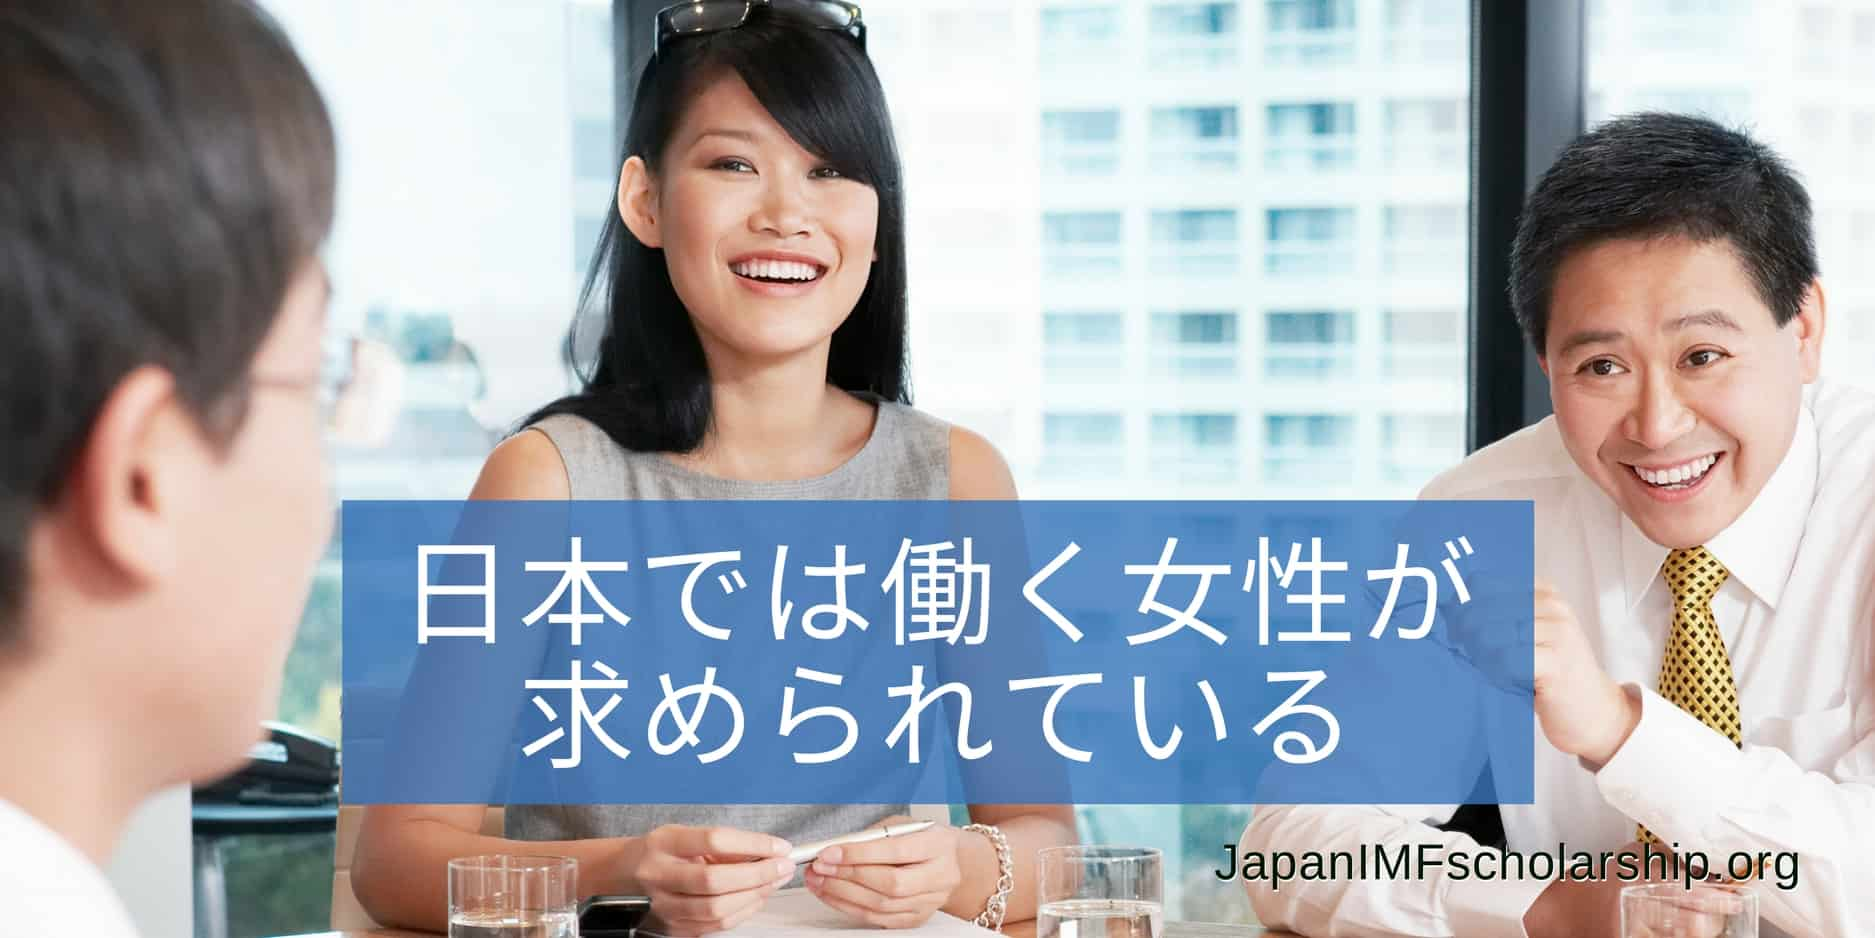 jisp for web-fb 日本では働く女性が求められている from imf blog